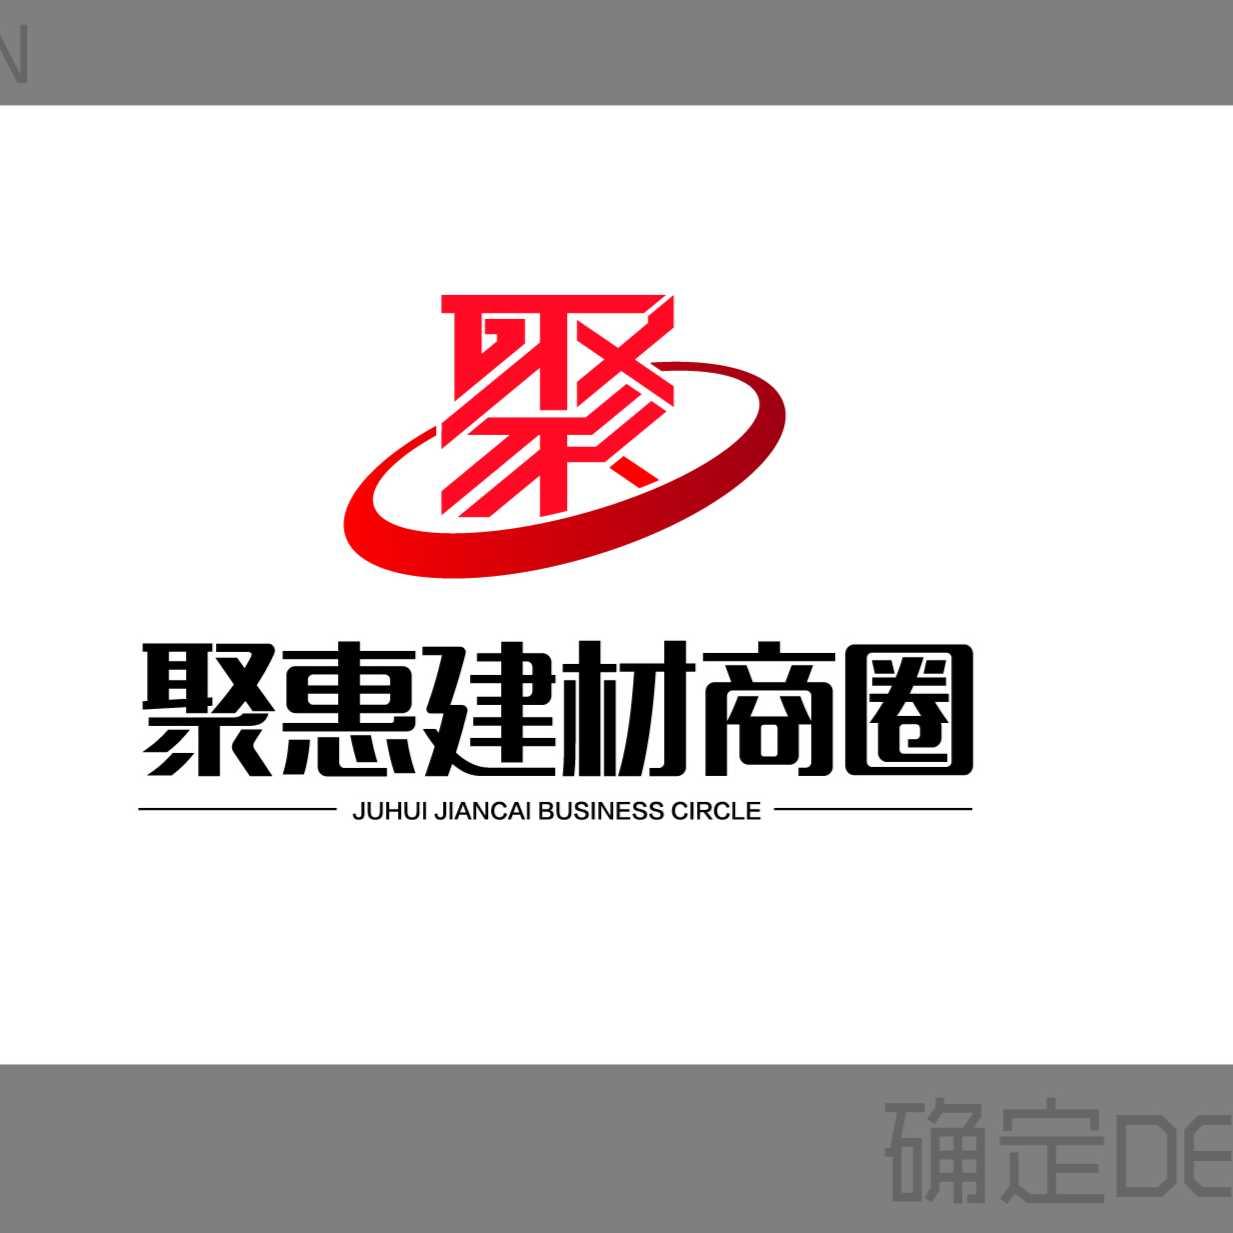 霞浦聚惠企业管理有限公司